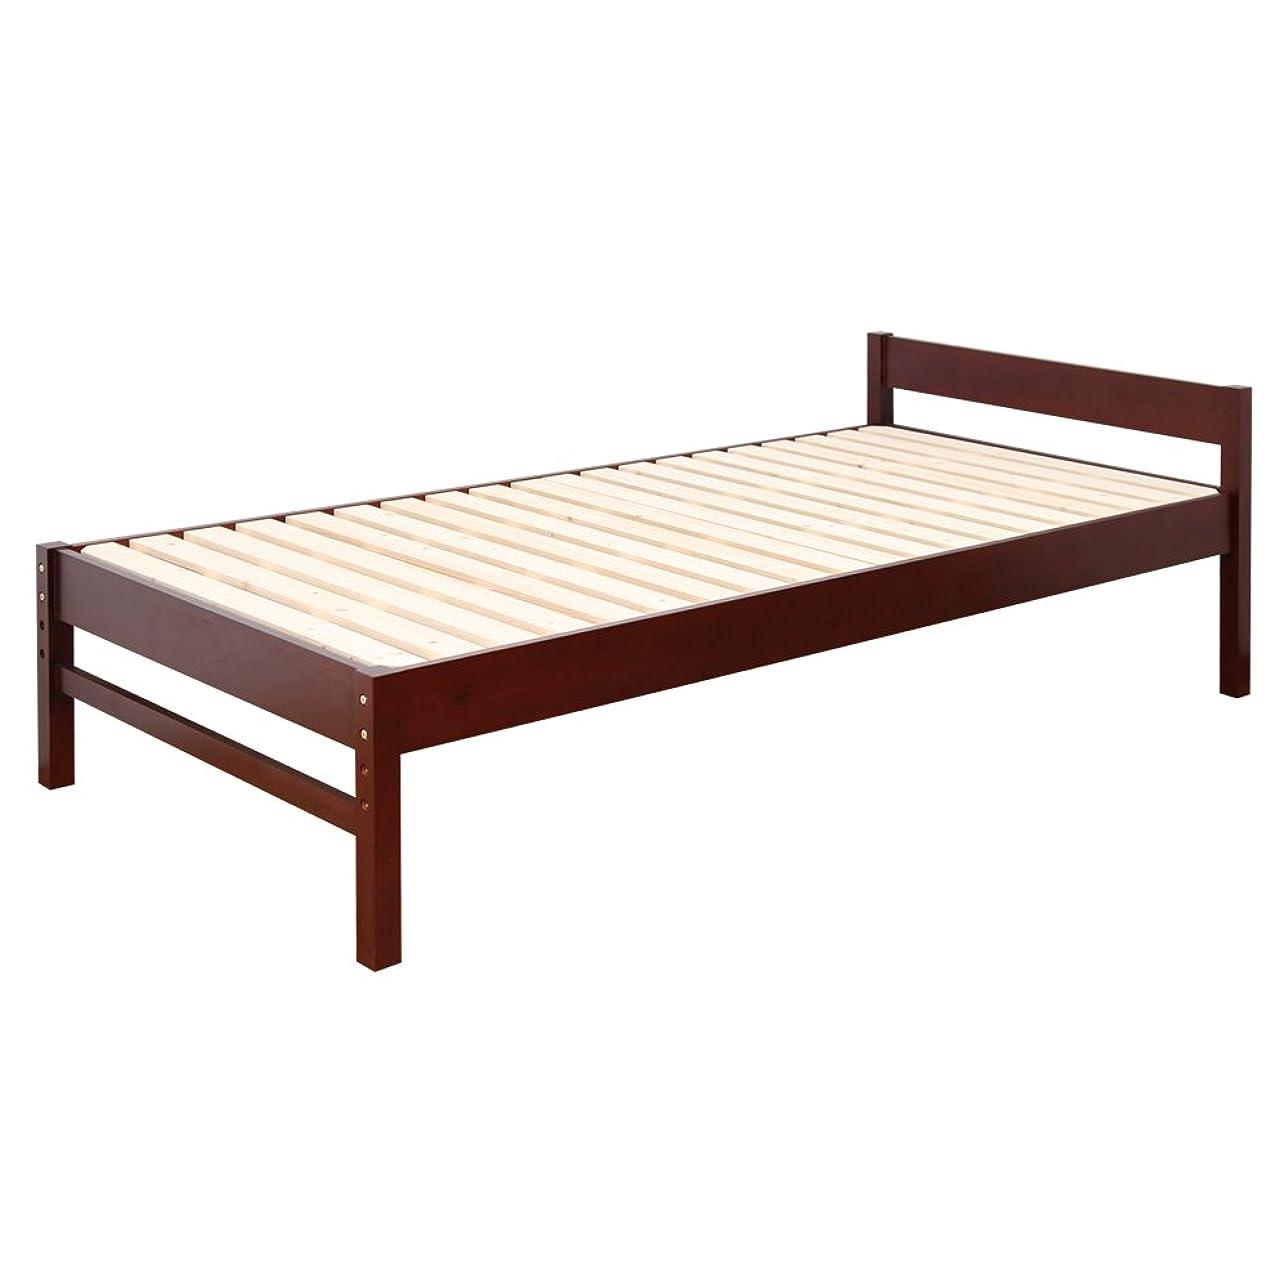 巻き取り弾性に応じて【JAJAN】 天然木 すのこ ベッド 【 アブサロム 】 シングル ベッド ブラウン [ 三段階 高さ調整 選べる3カラー ][ 耐荷重 150kg ][ 保証 2年 ]